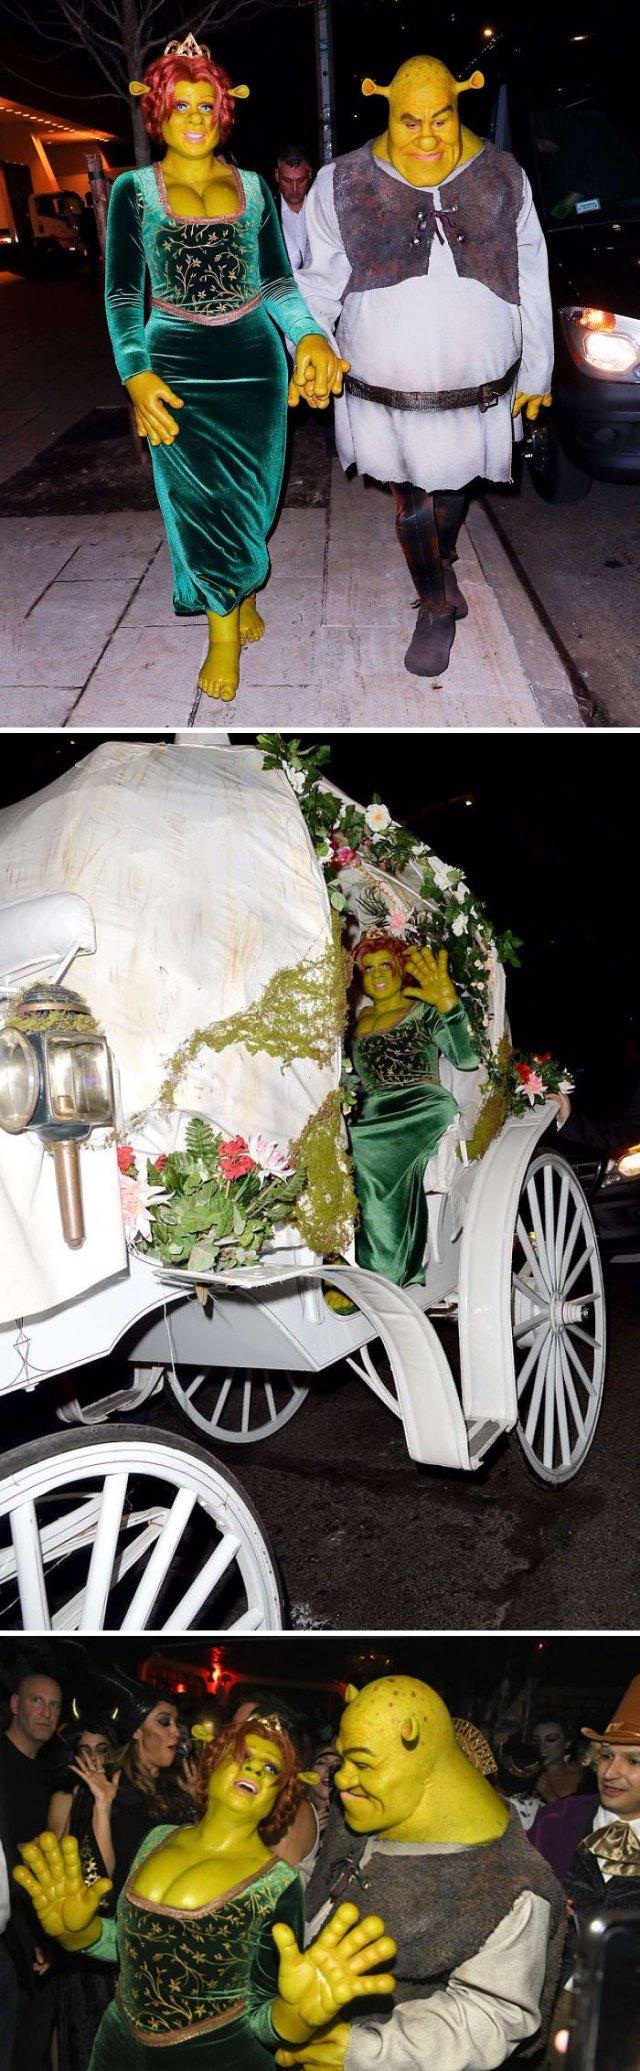 Heidi Klum como la princesa Fiona